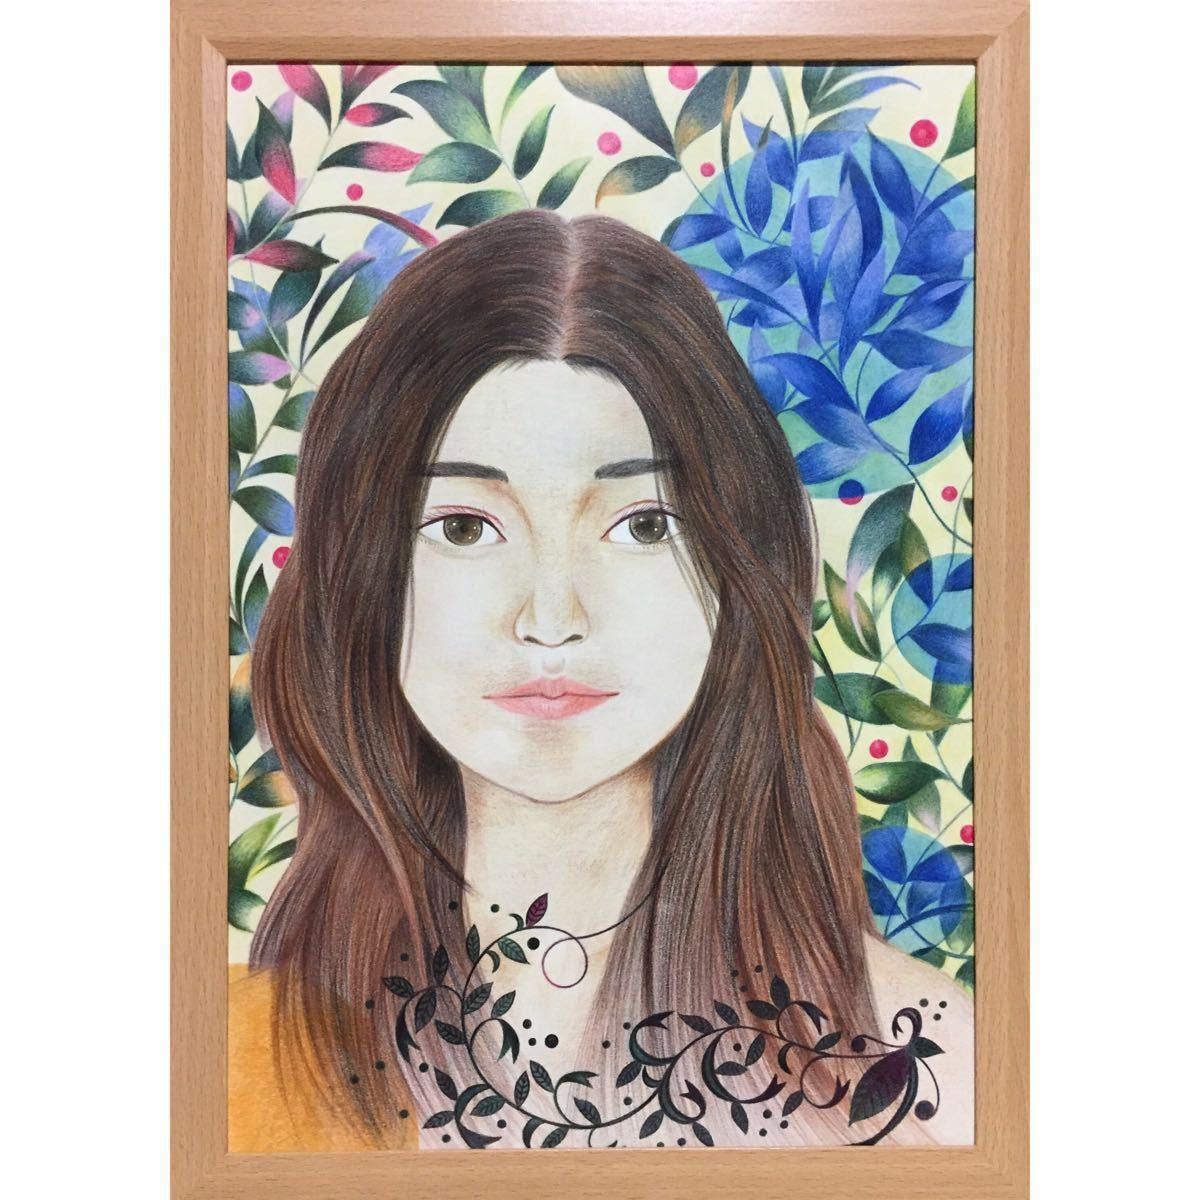 色鉛筆画「 kiss me 」B4・額付き◇◆手描き◇原画◆人物画◇◆yotto_画像2